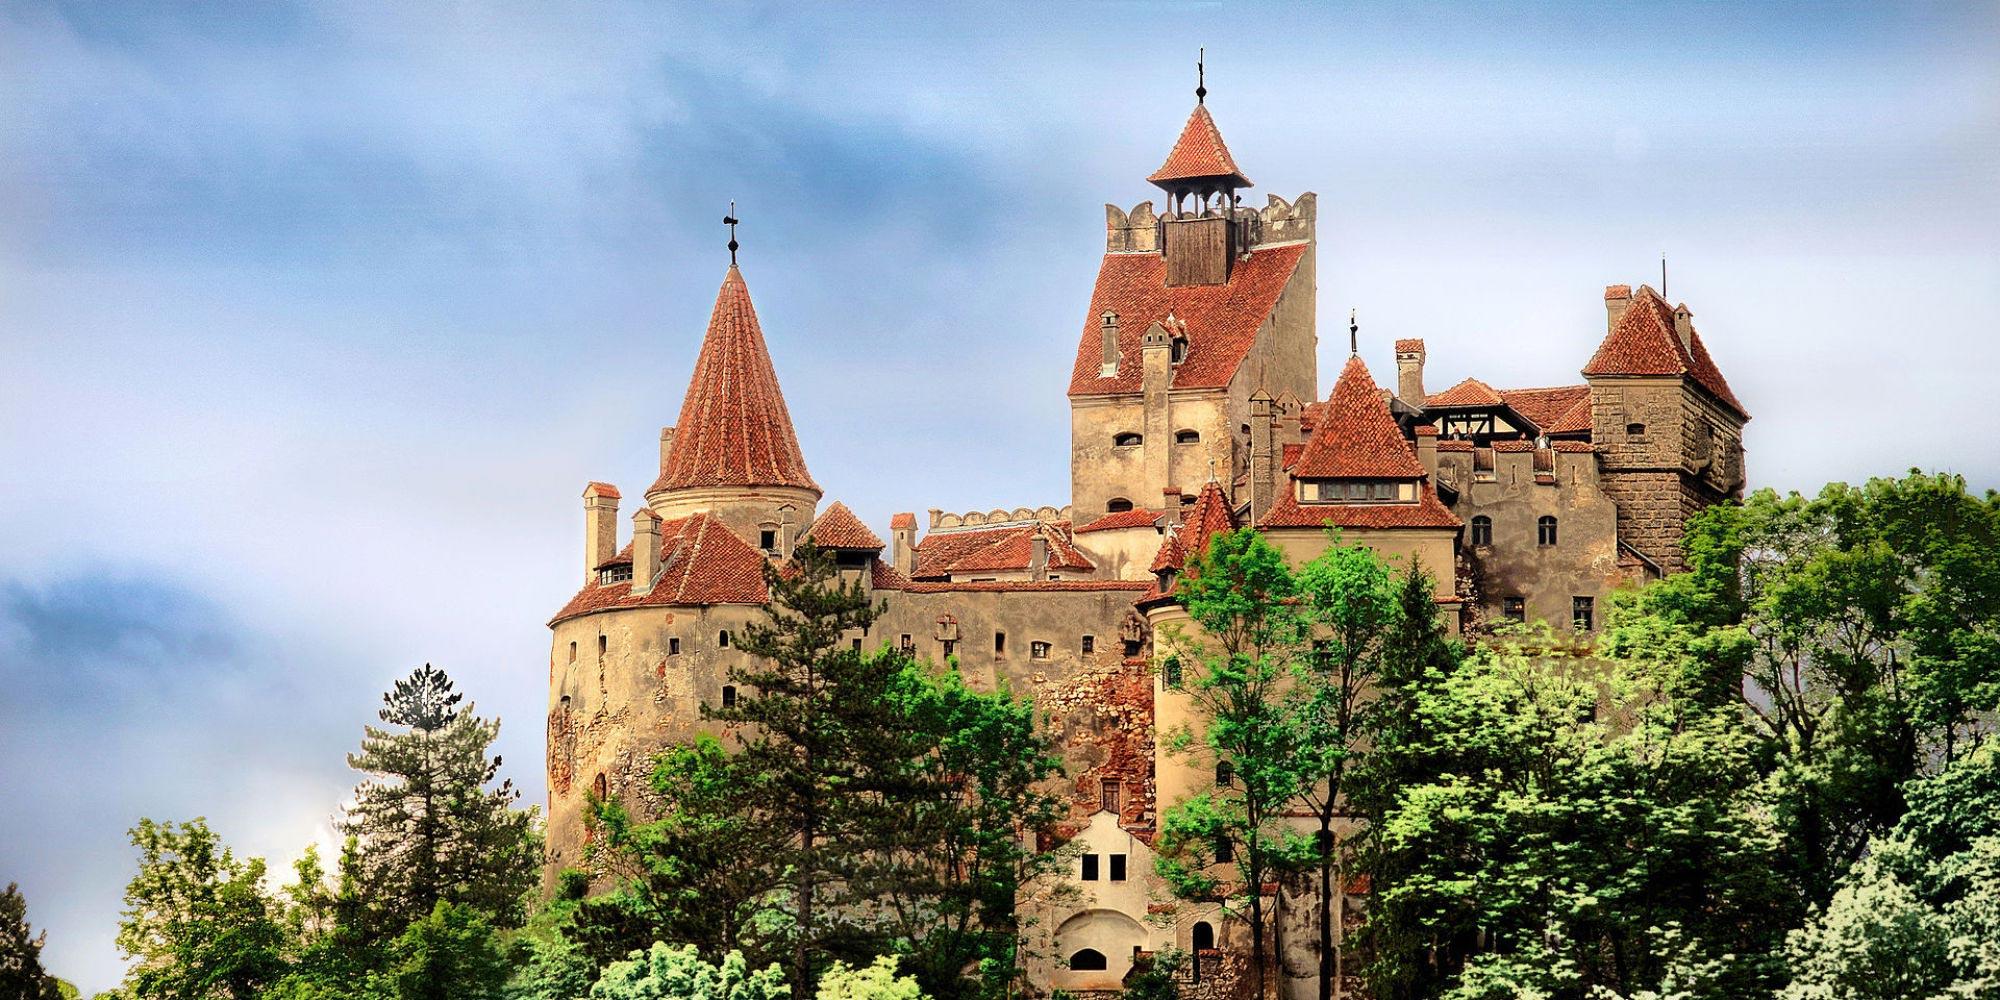 Roumanie - Le château de Dracula